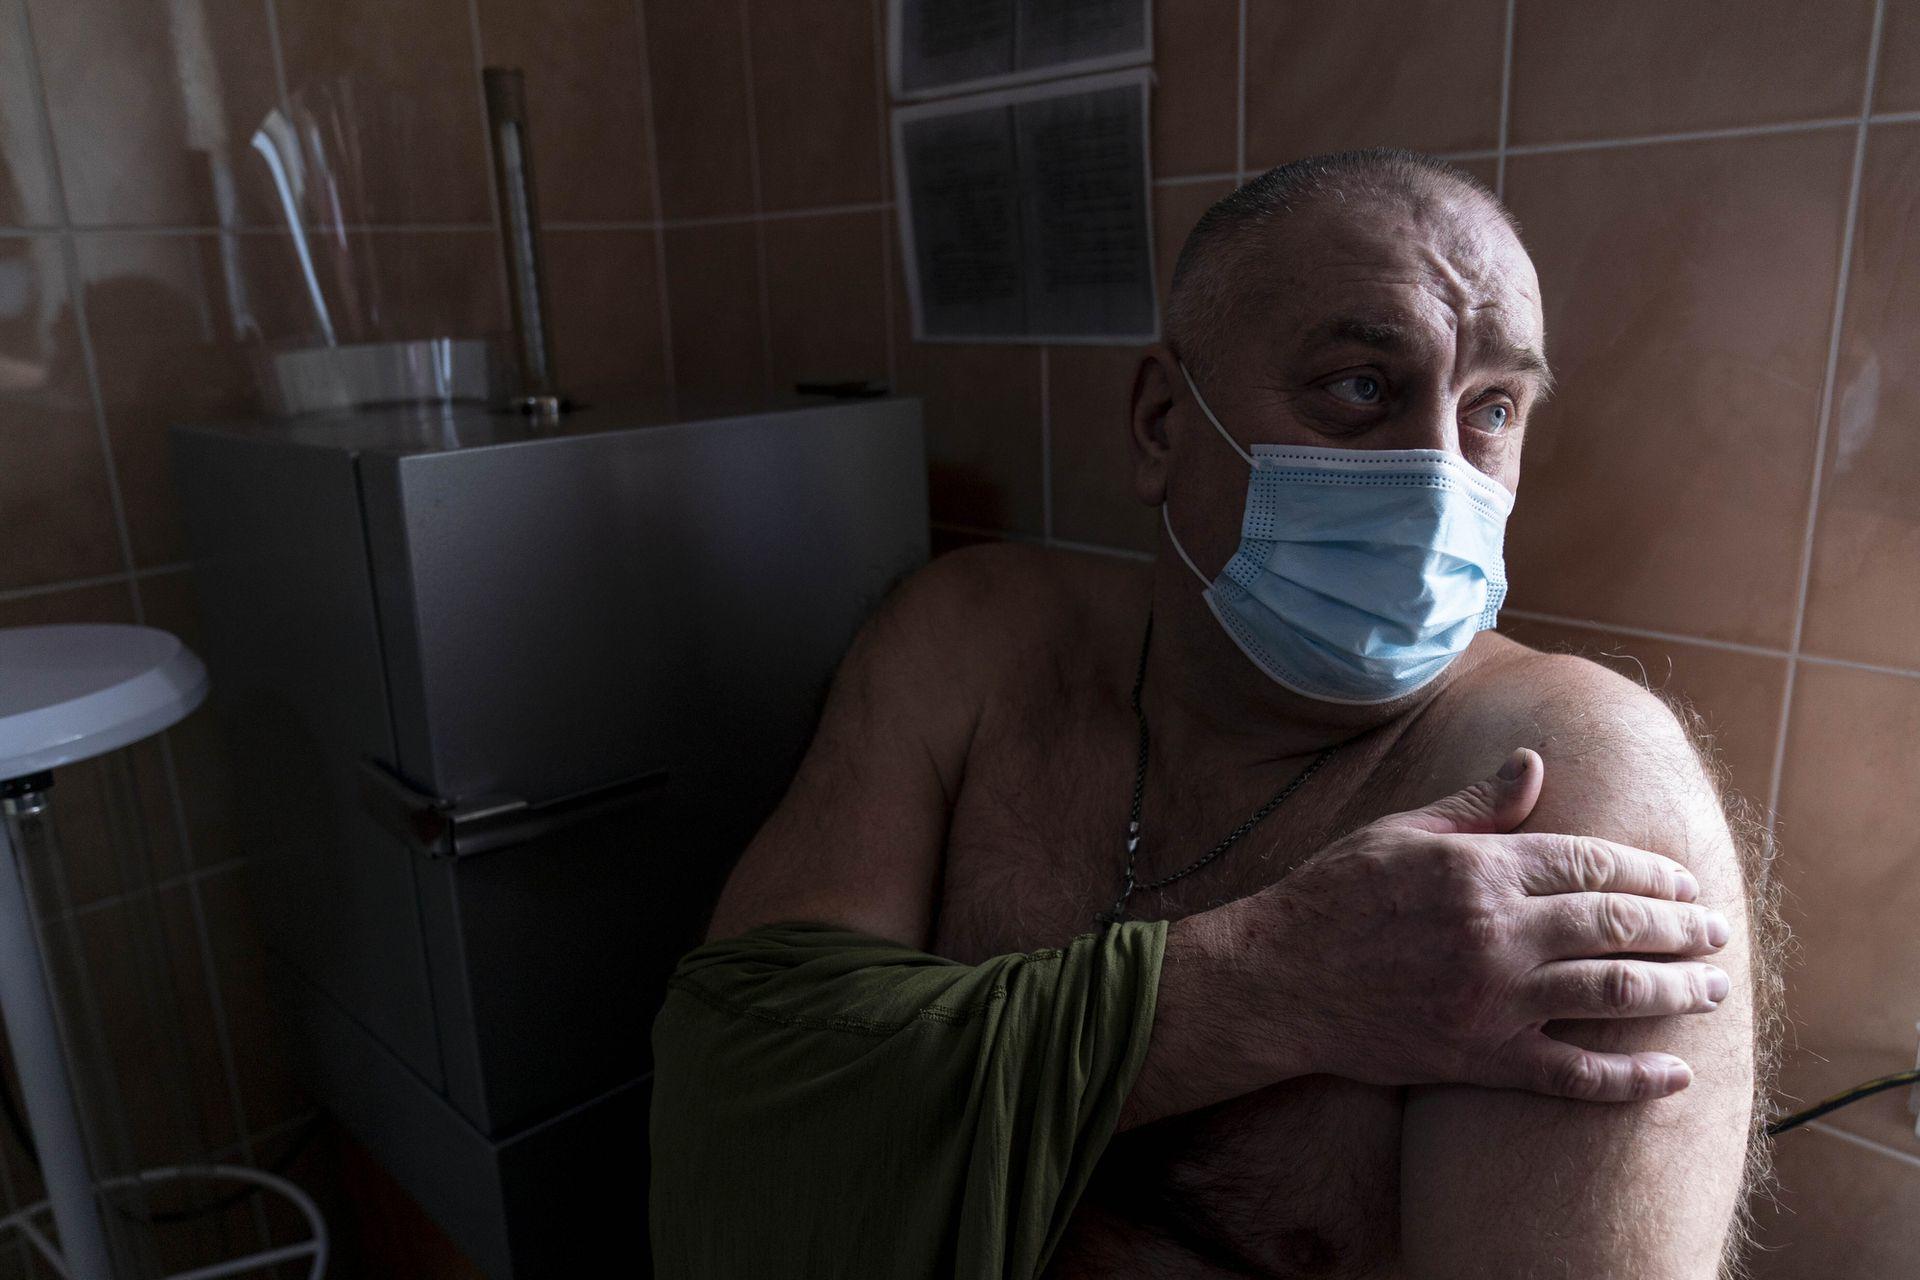 UCRANIA: Un militar ucraniano se prepara para recibir una dosis de la vacuna AstraZeneca COVID-19 comercializada con el nombre CoviShield en una base militar en Kramatorsk, Ucrania, el martes 2 de marzo de 2021. Ucrania planea vacunar a 14,4 millones de personas este año, o unas 35 % de sus 41 millones de habitantes.